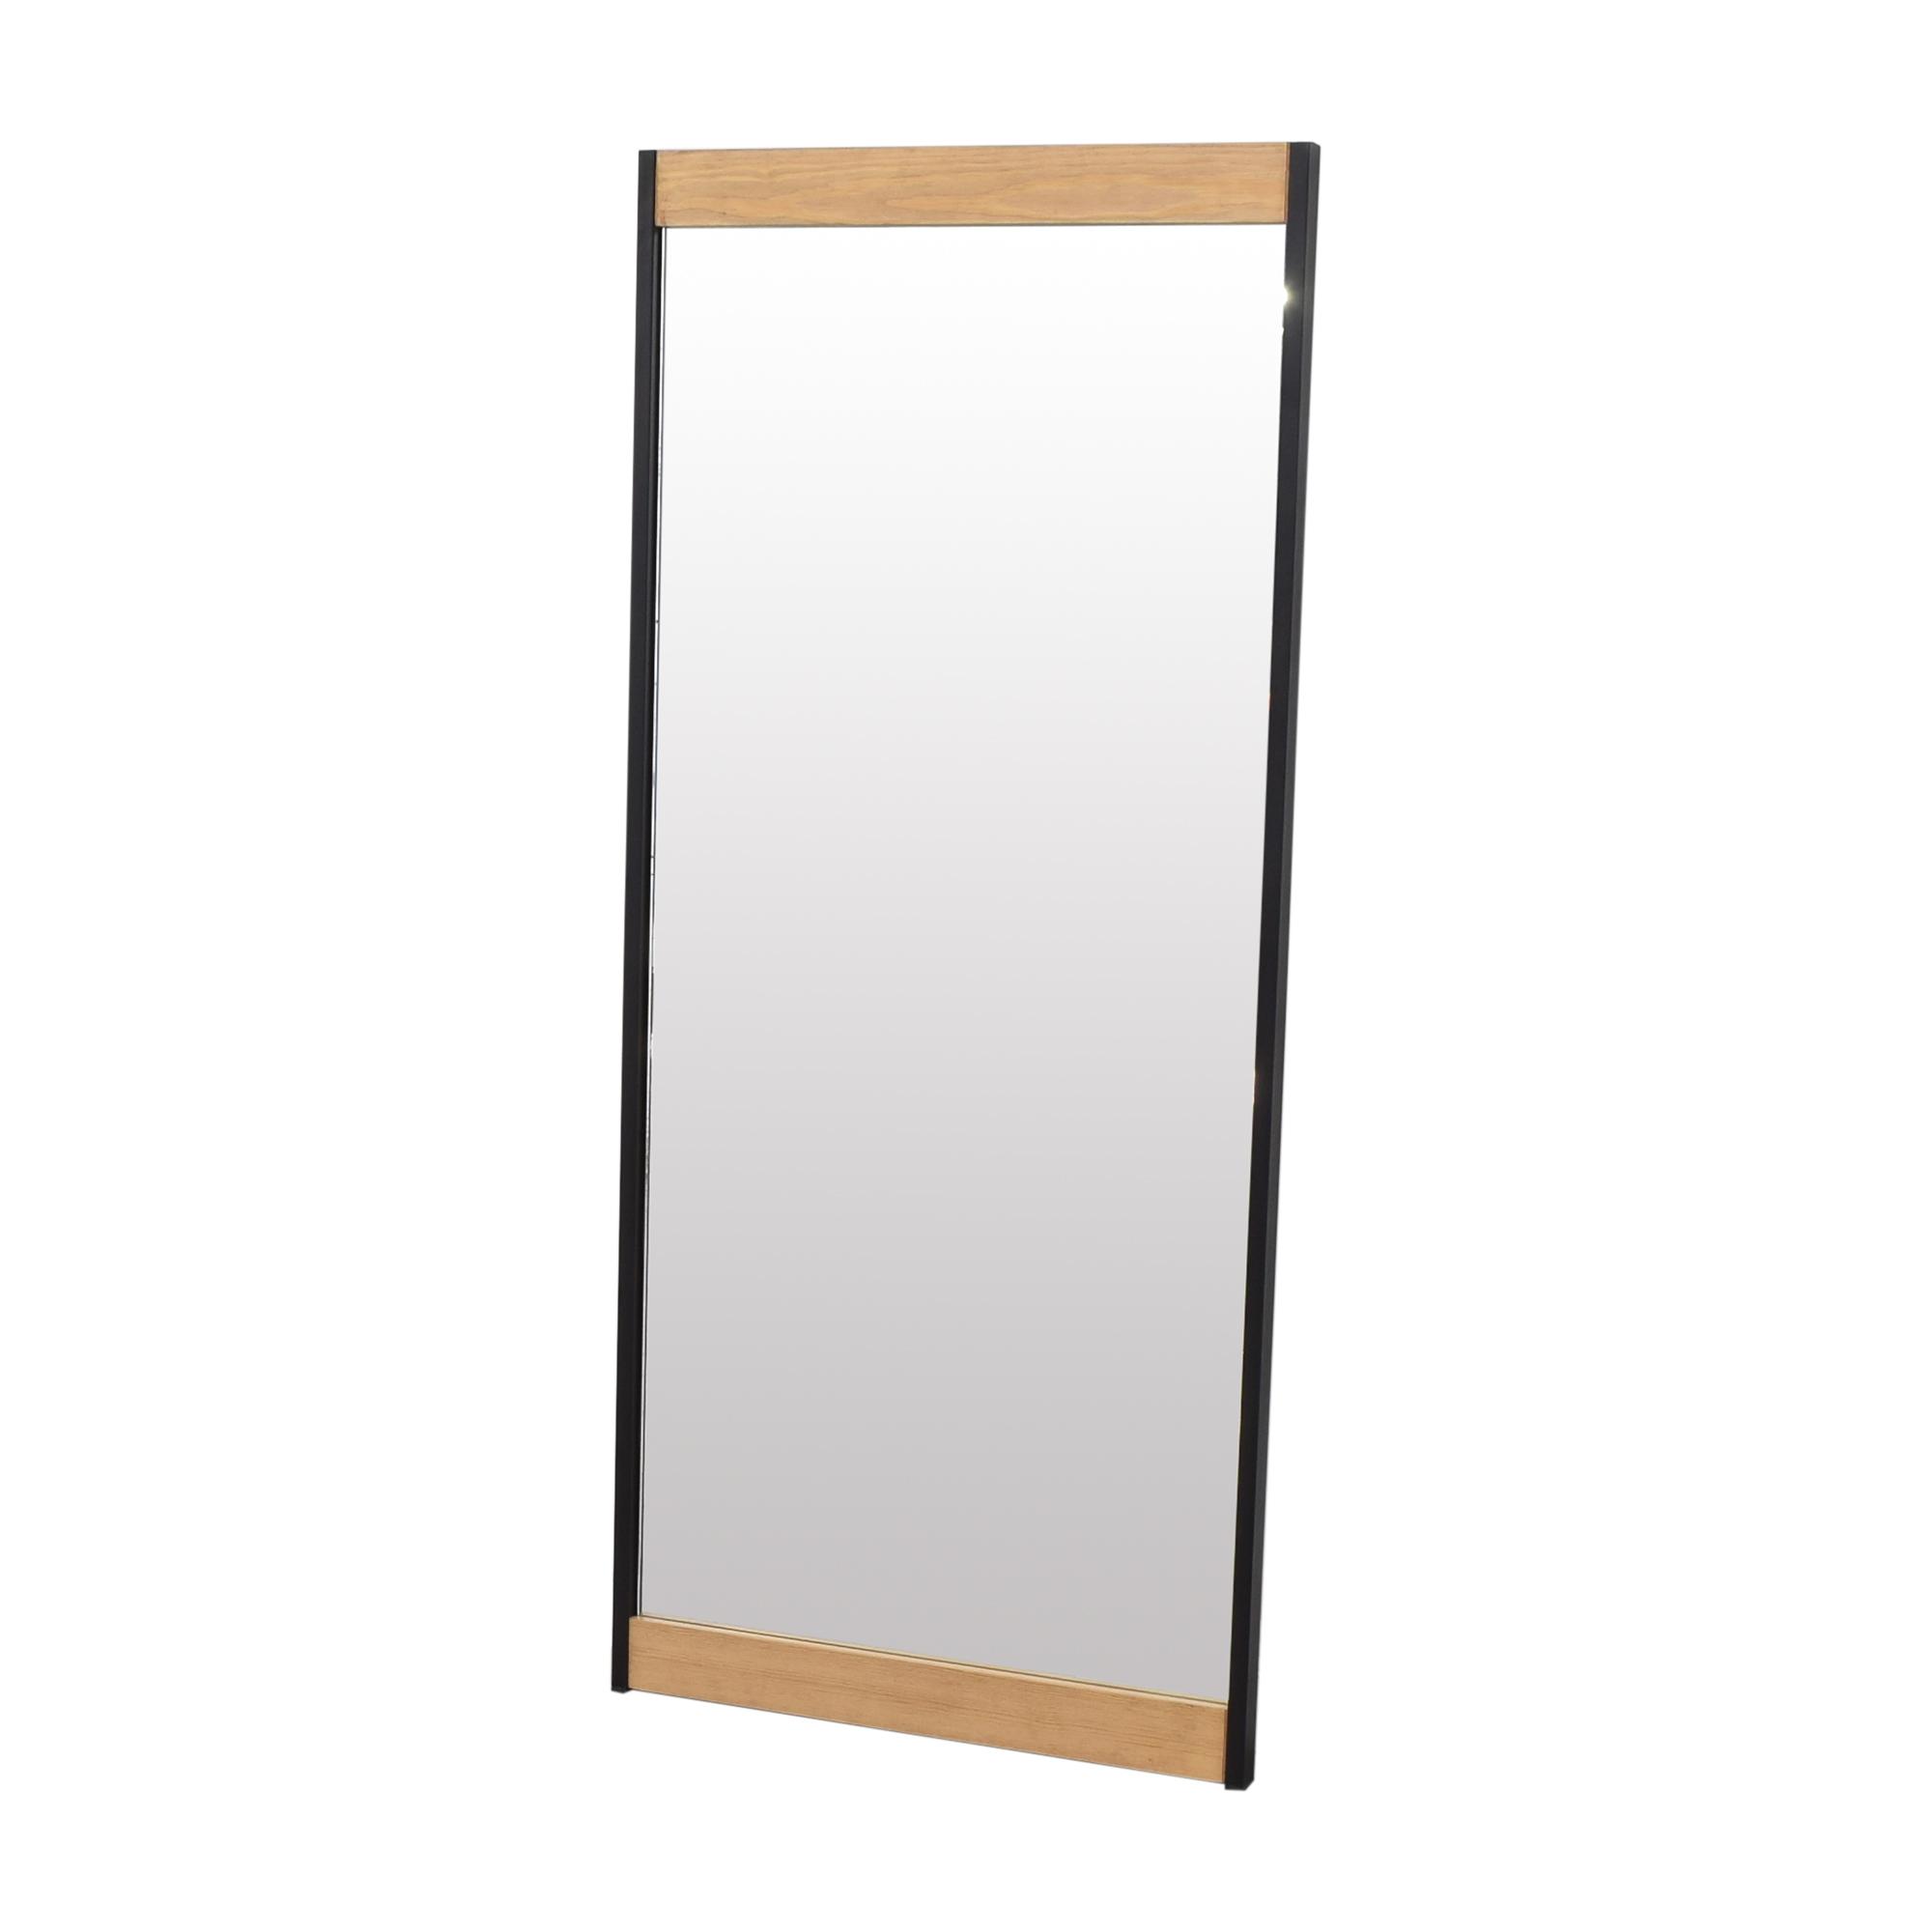 Wood Accented Floor Mirror brown & black